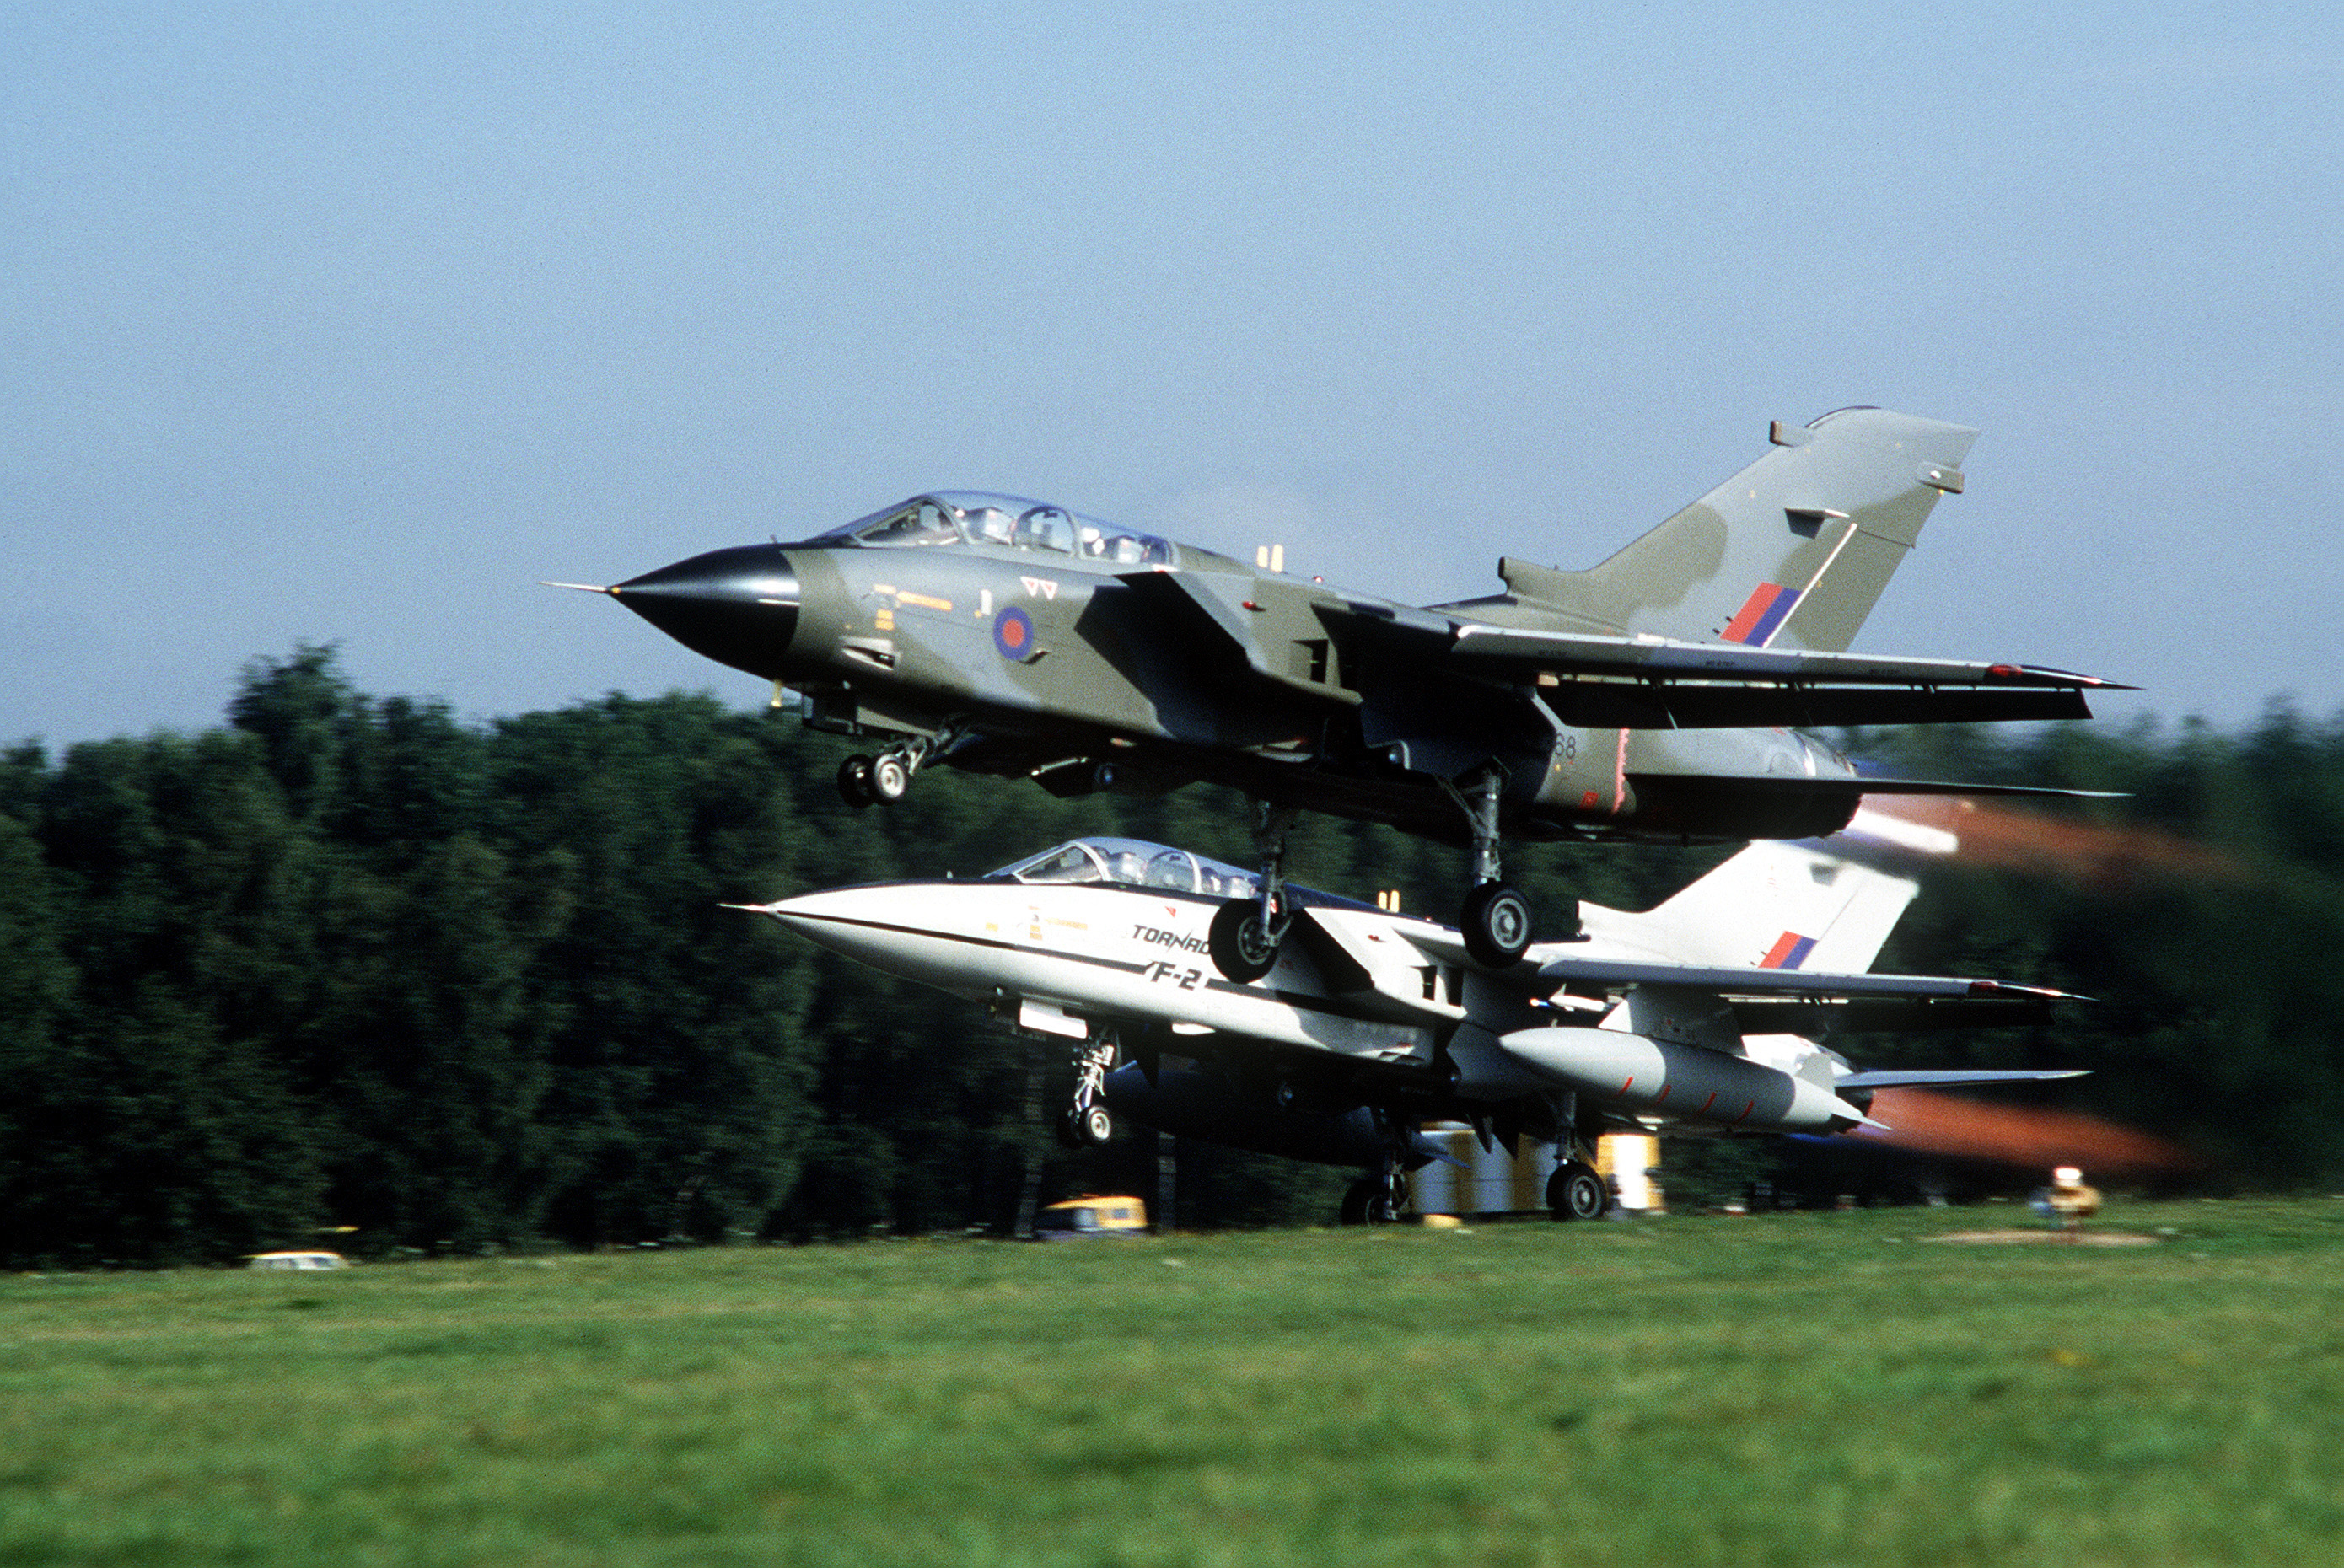 Gresham (OR) United States  city photos gallery : Description RAF Tornado F2